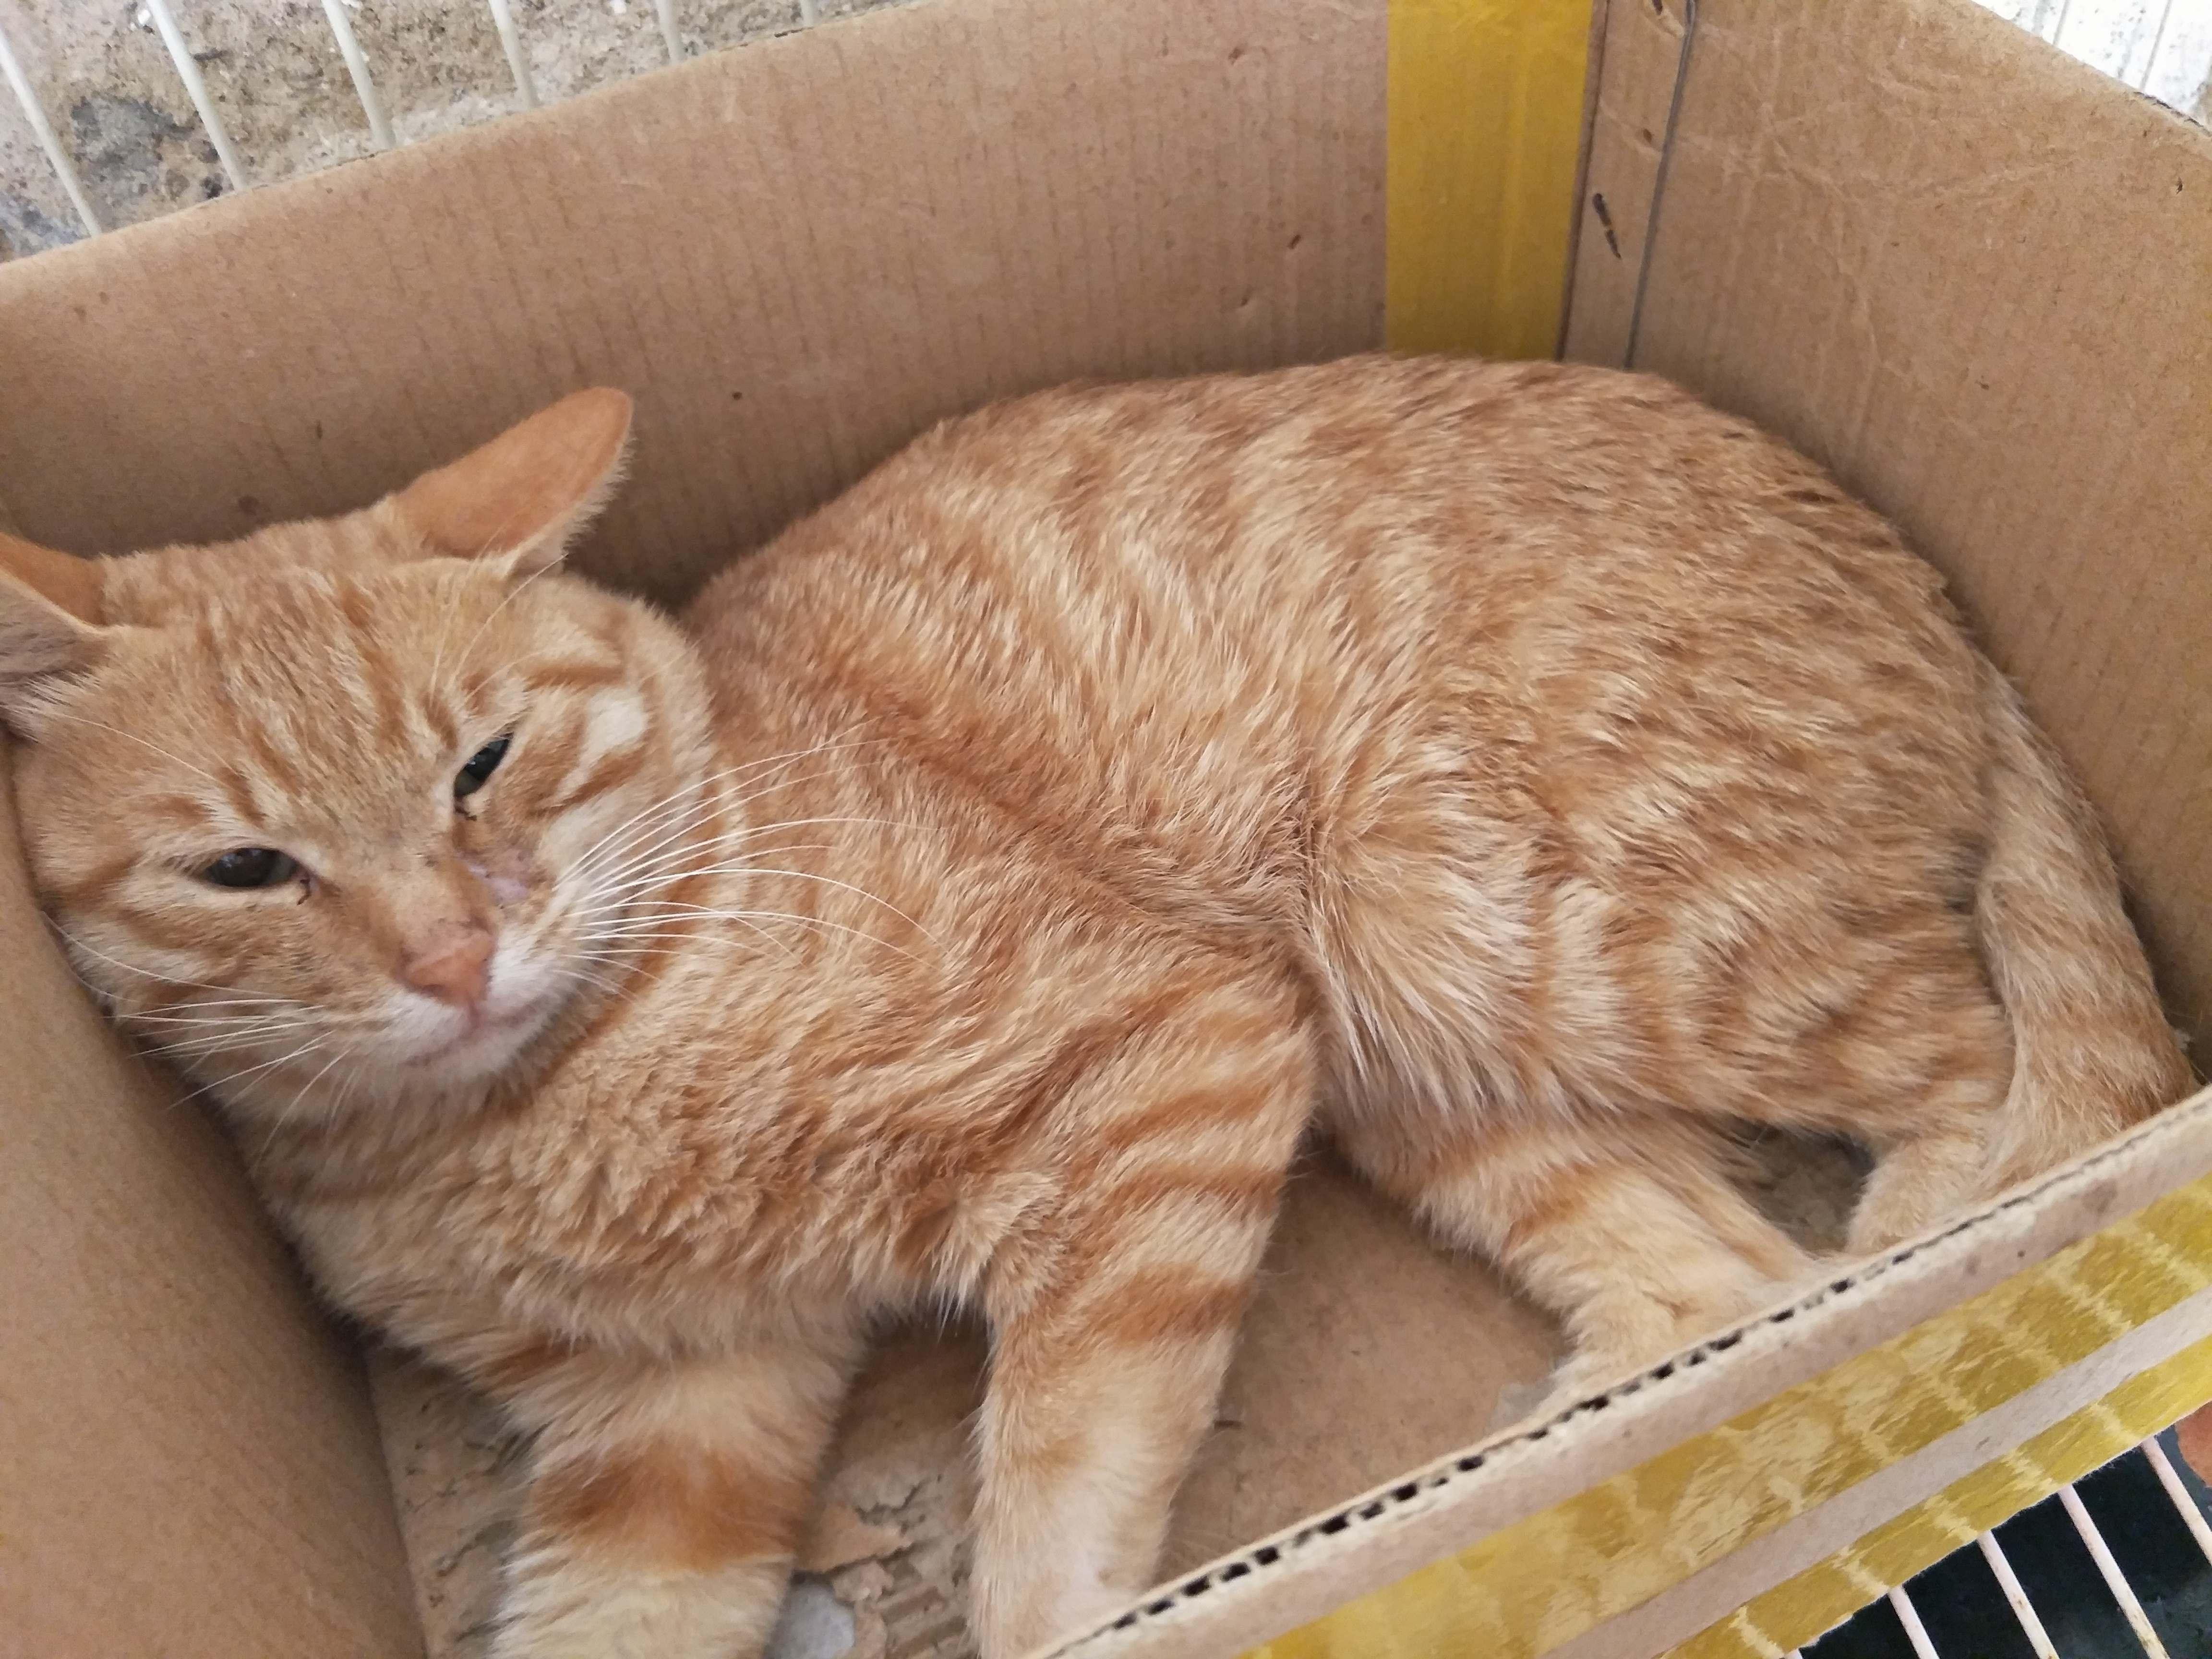 中华田园猫养殖场出售大量田园猫土猫狸花猫正规猫舍繁育